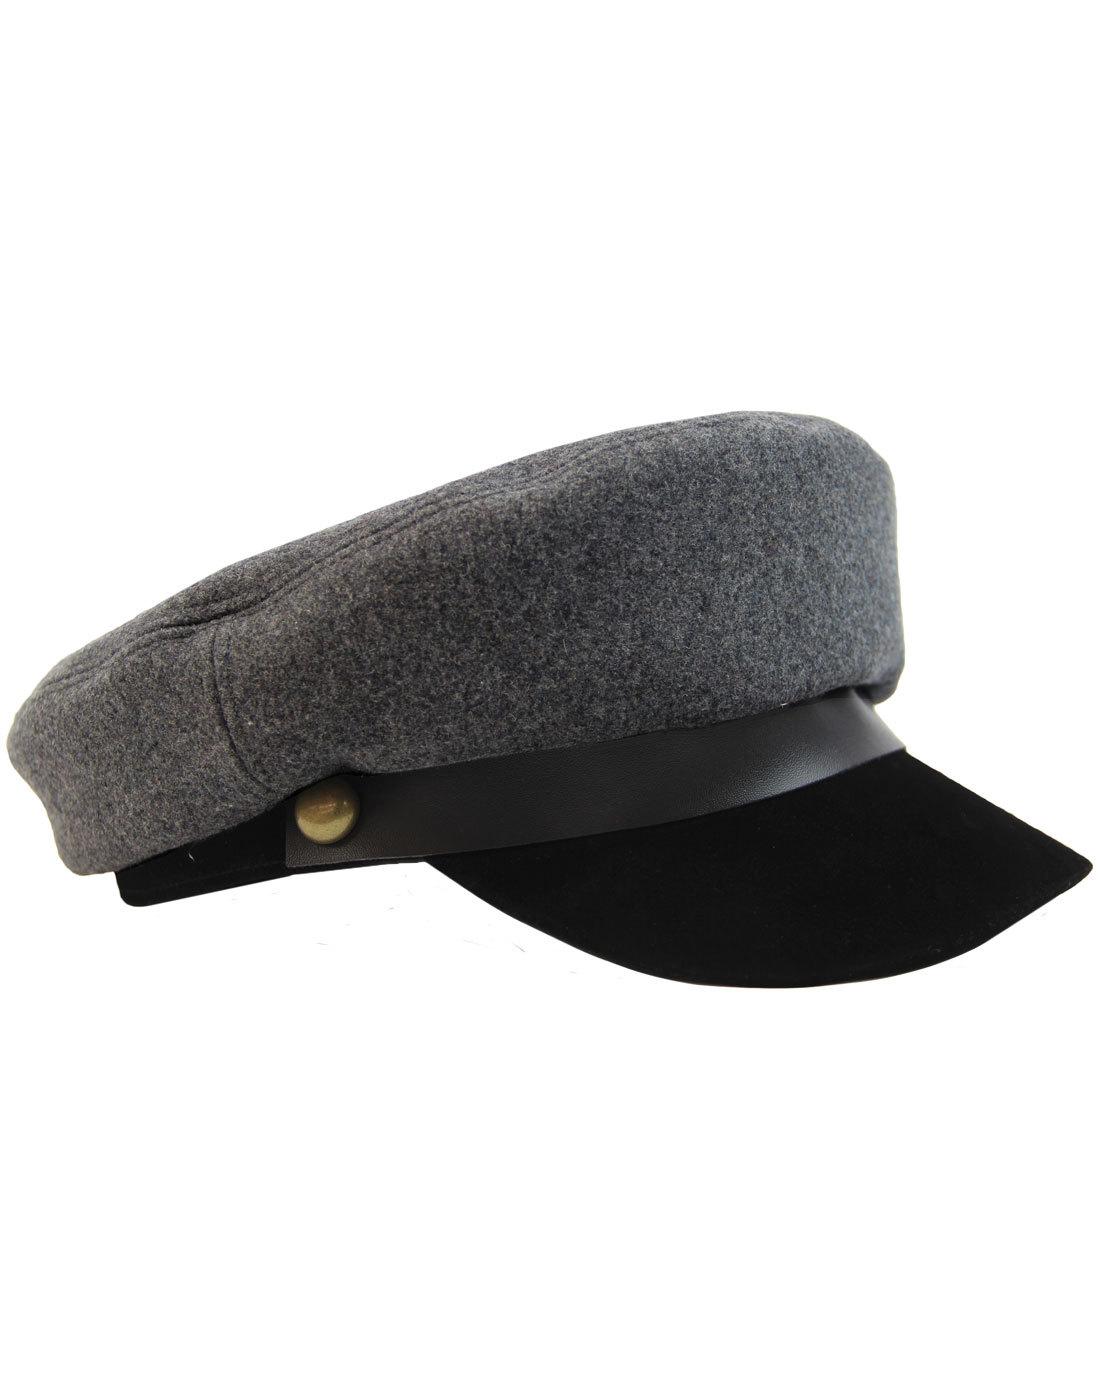 7c8c1d0997232 FAILSWORTH Retro Harris Tweed Womens Bakerboy Cap.  54.00  38.00. madcap  england wild one retro 60s mod military cap